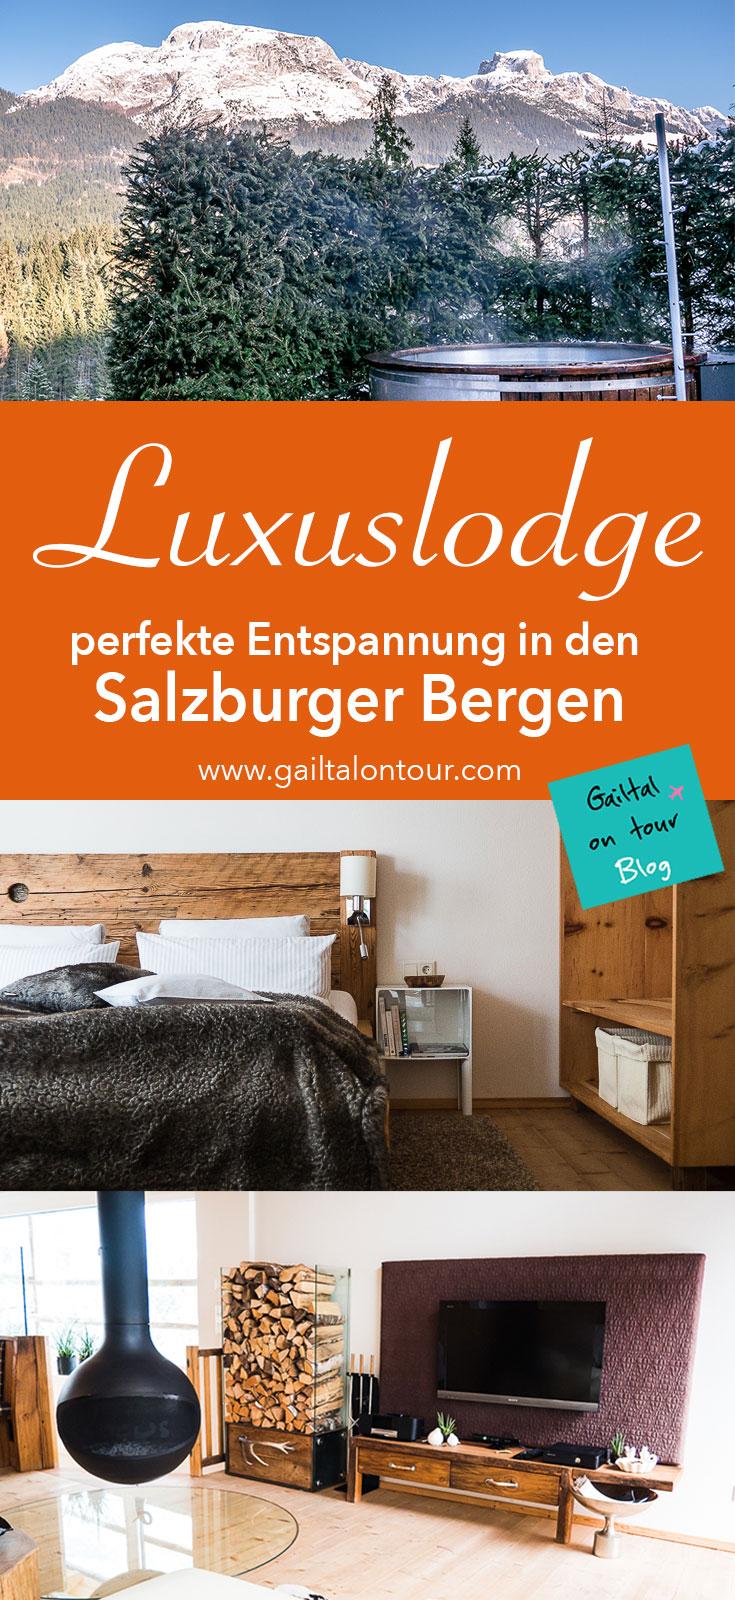 Luxus Ferienwohnung in Salzburg. Die Lodge ist der perfekte Ort für eine Auszeit vom Alltag. Kurzurlaub mit Stil: Entspannen im Private Spa oder bei Aktivitäten in der Gegend vom Dachstein-West